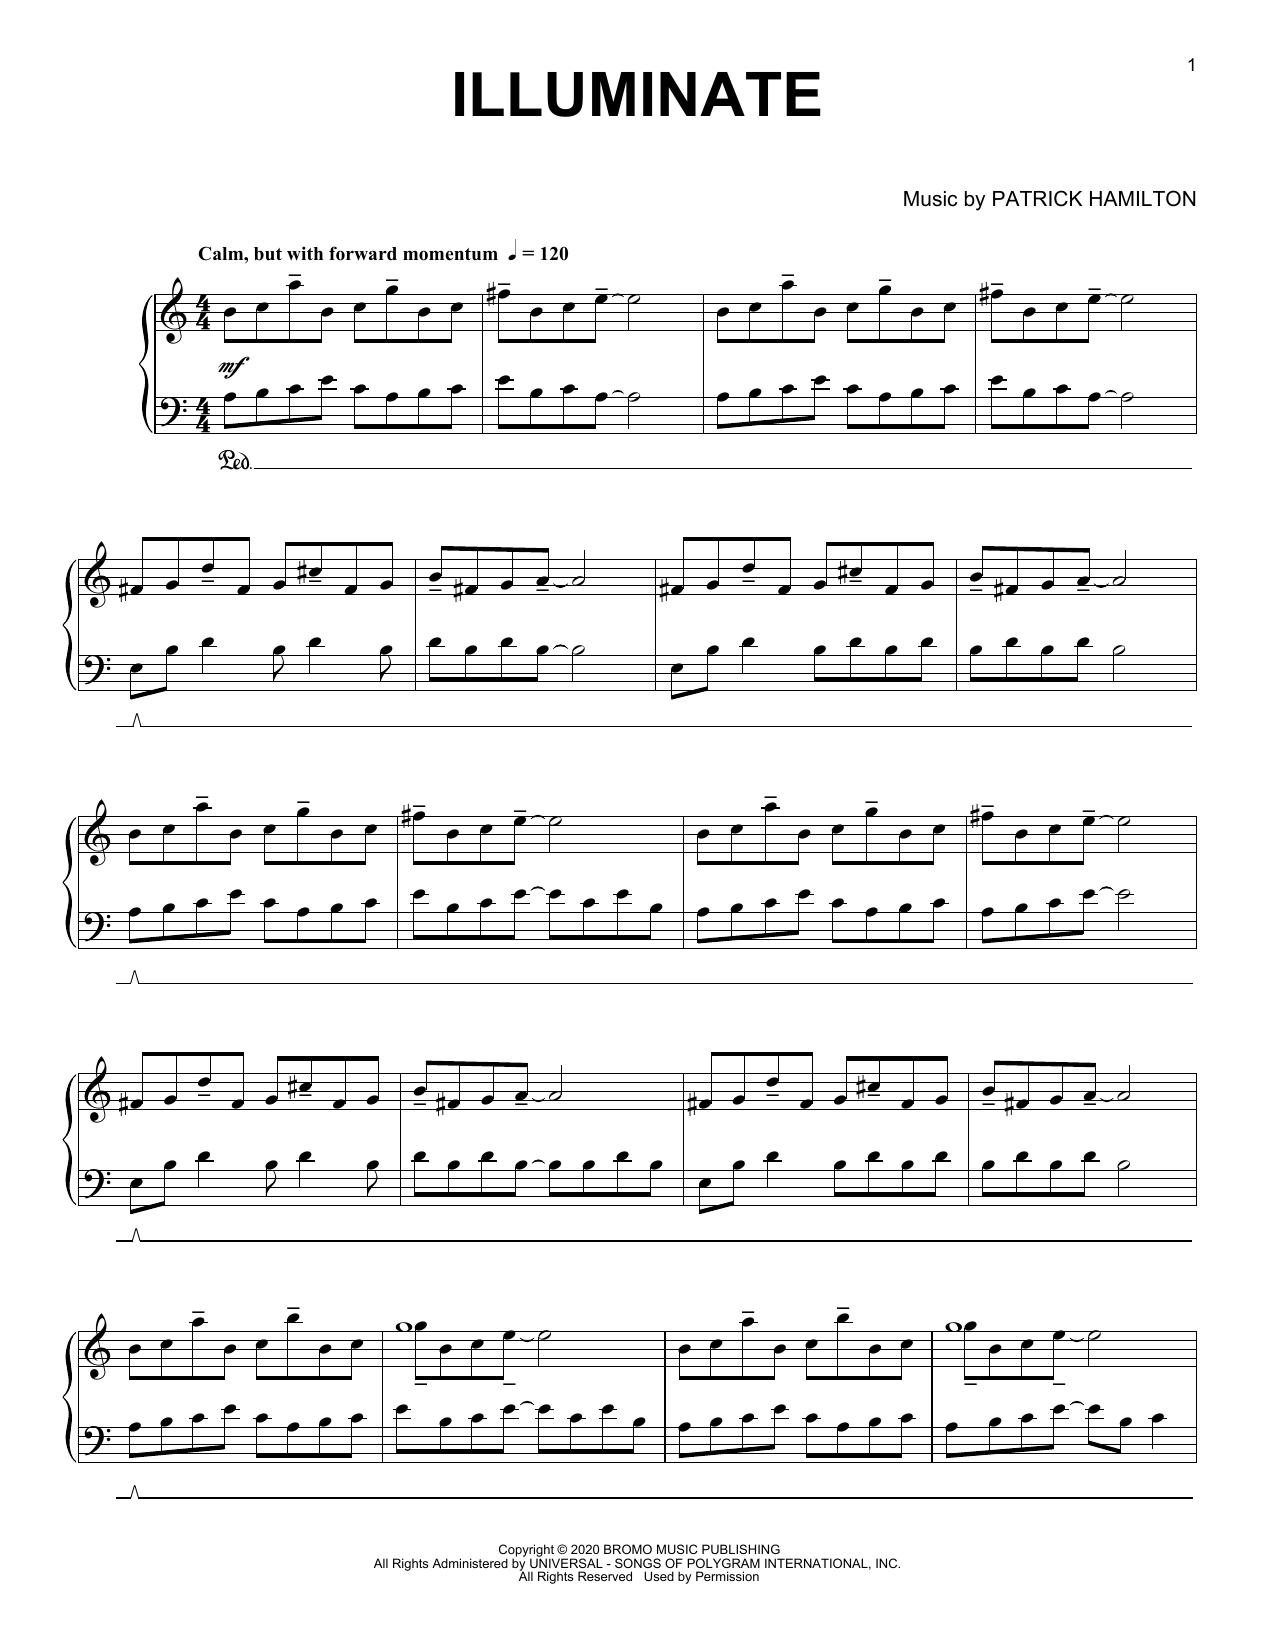 Patrick Hamilton Illuminate sheet music notes printable PDF score